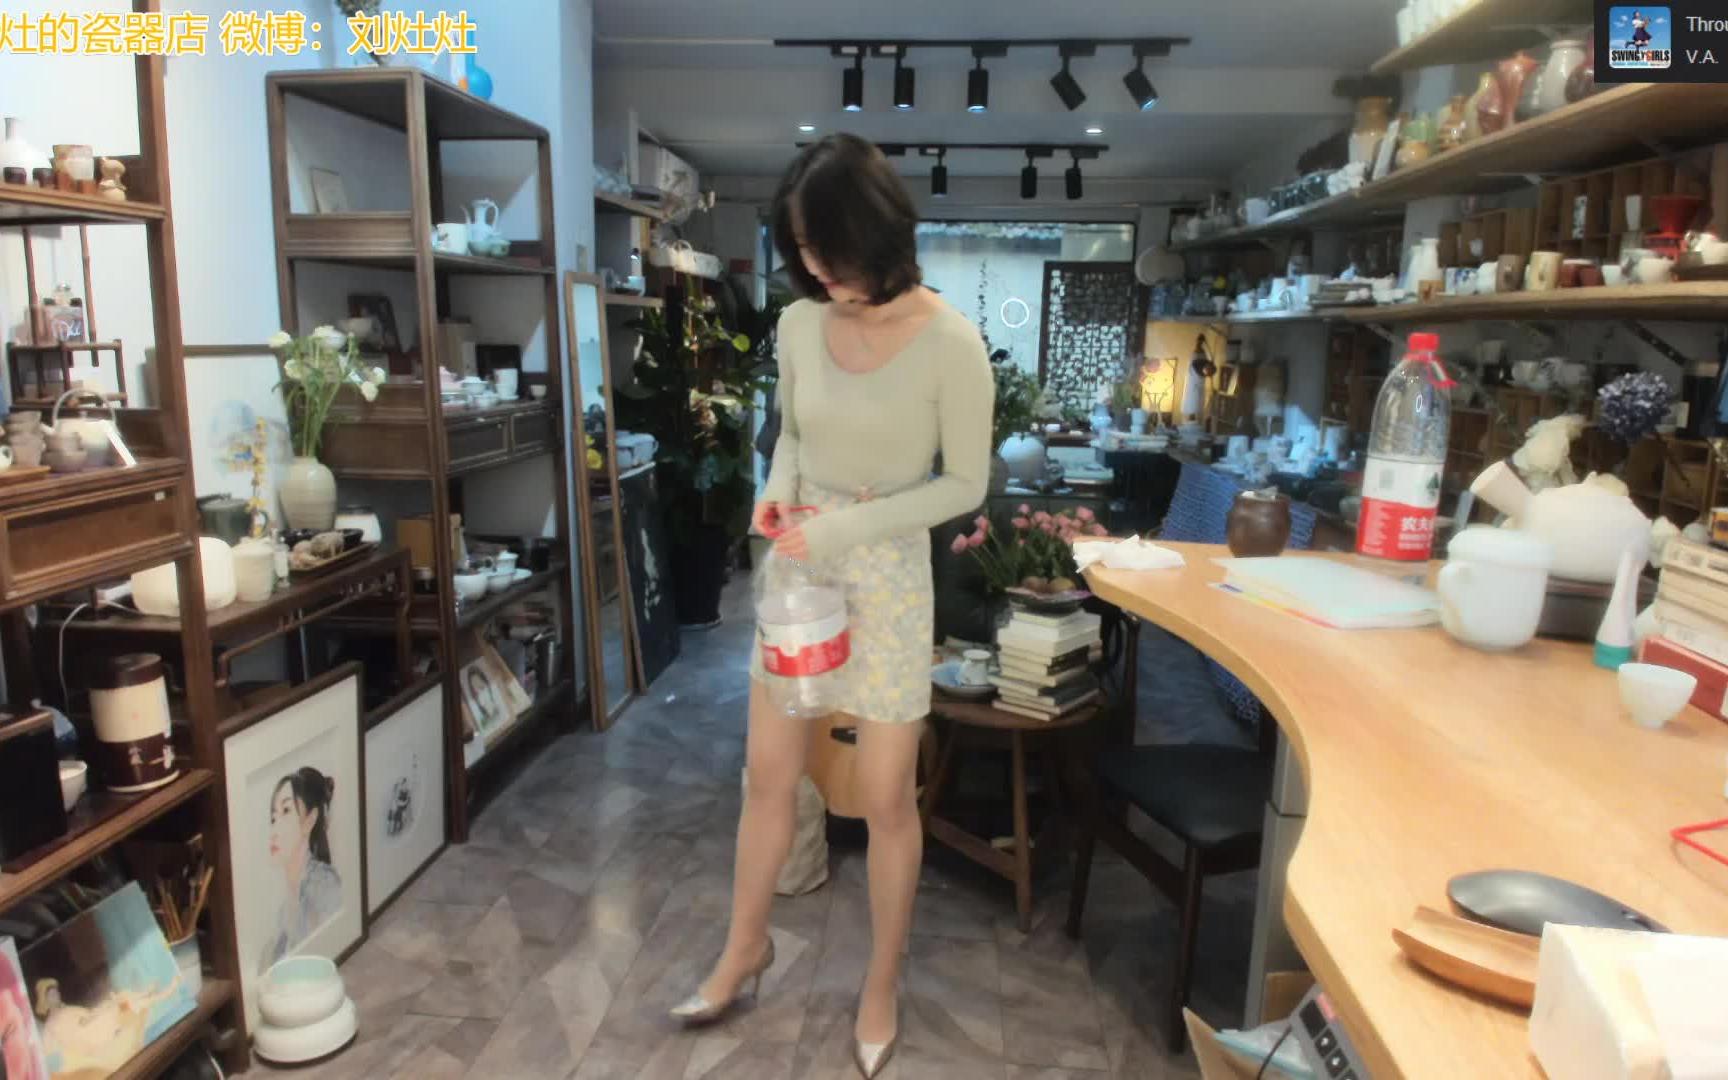 斗鱼文艺美女主播刘灶灶直播录像2.5直播录像